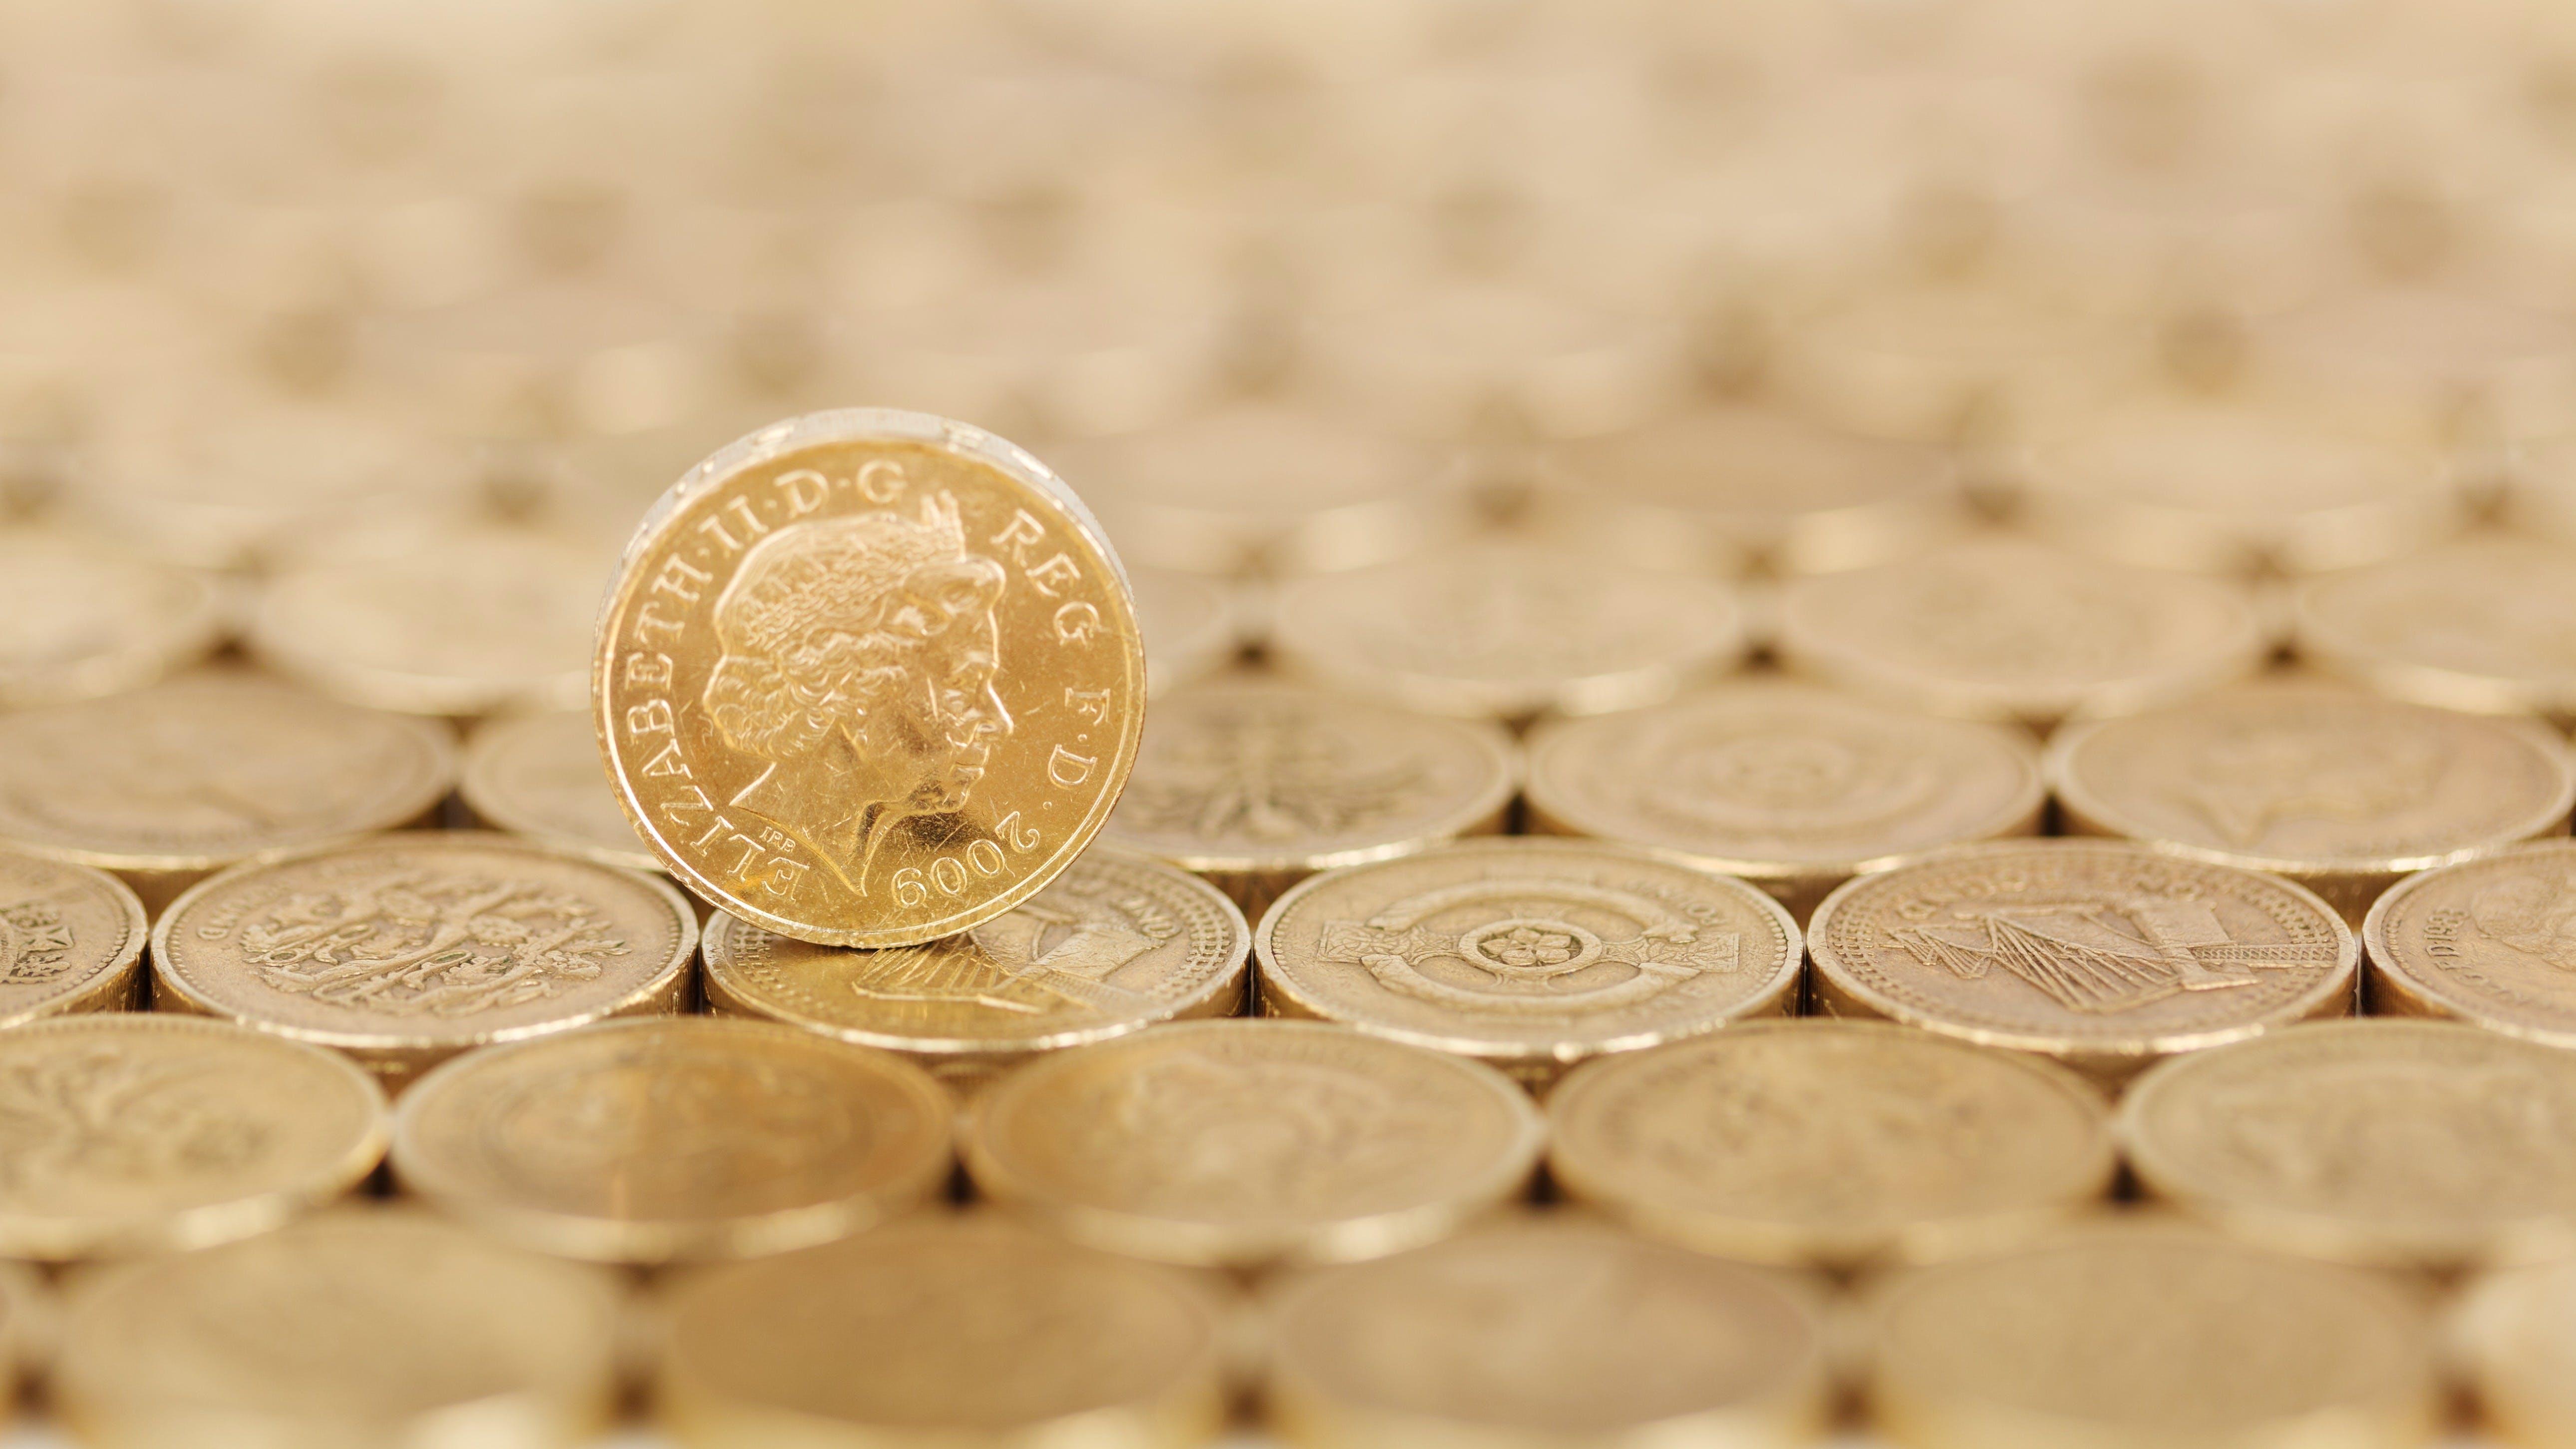 Gold Round Coin